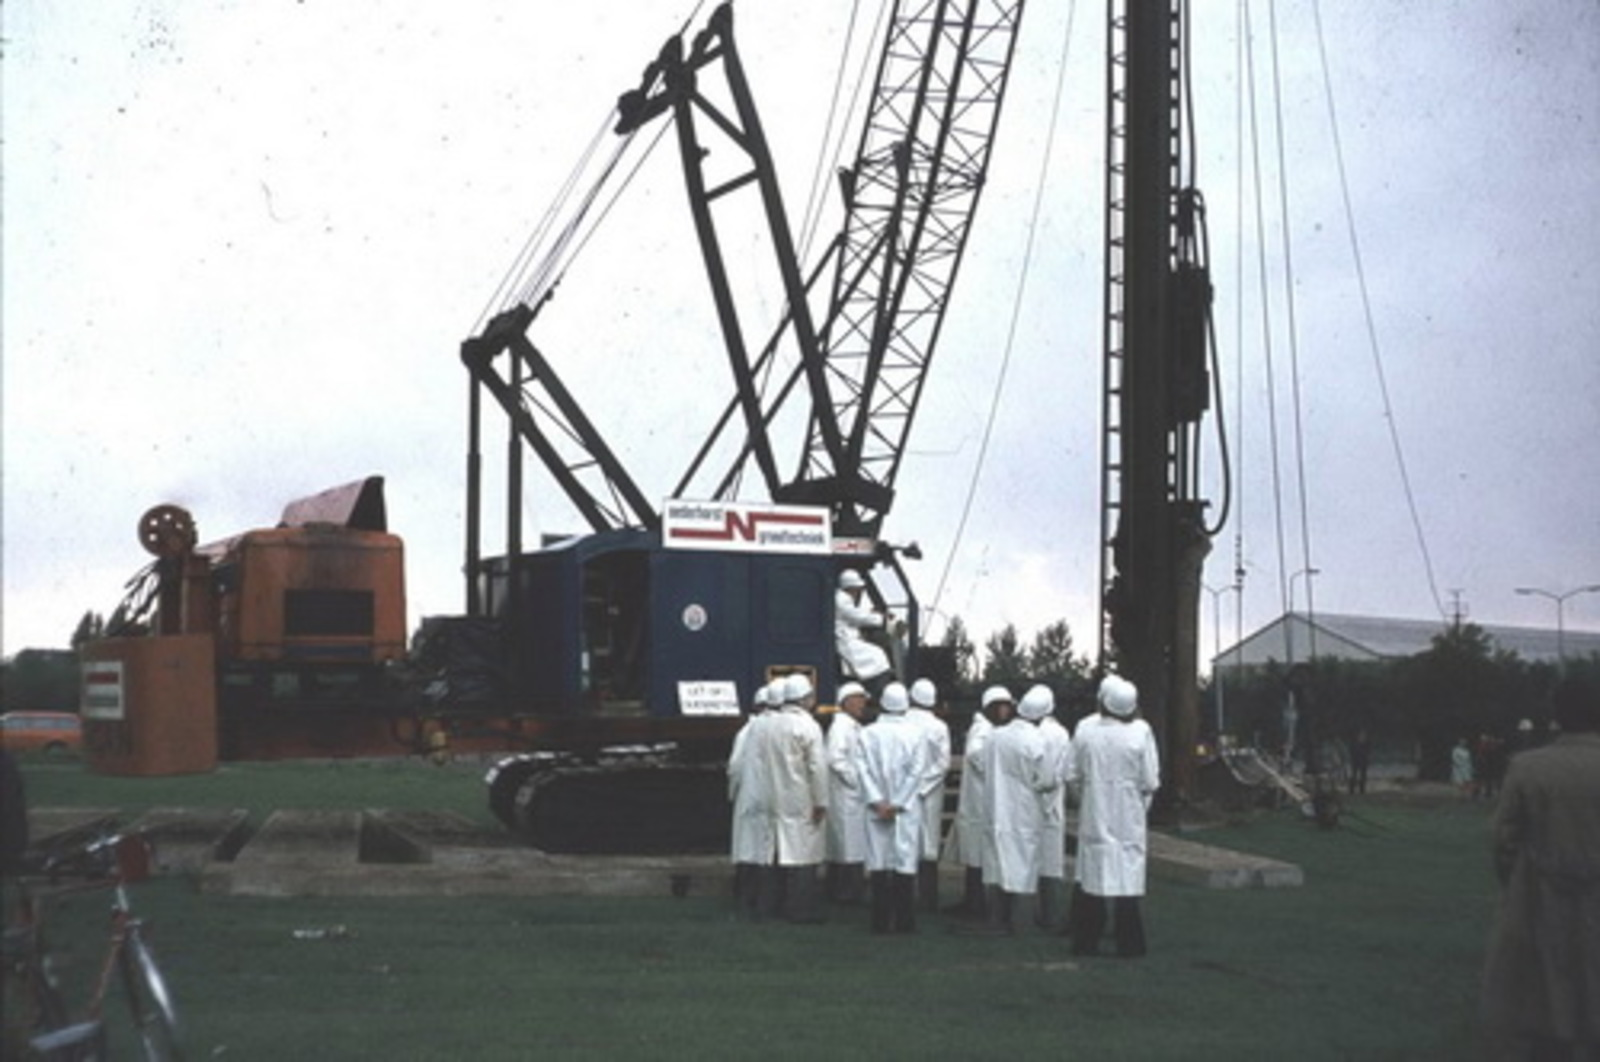 Nieuweweg O 0070 1979± Eerste Paal Nieuwe Raadhuis 01